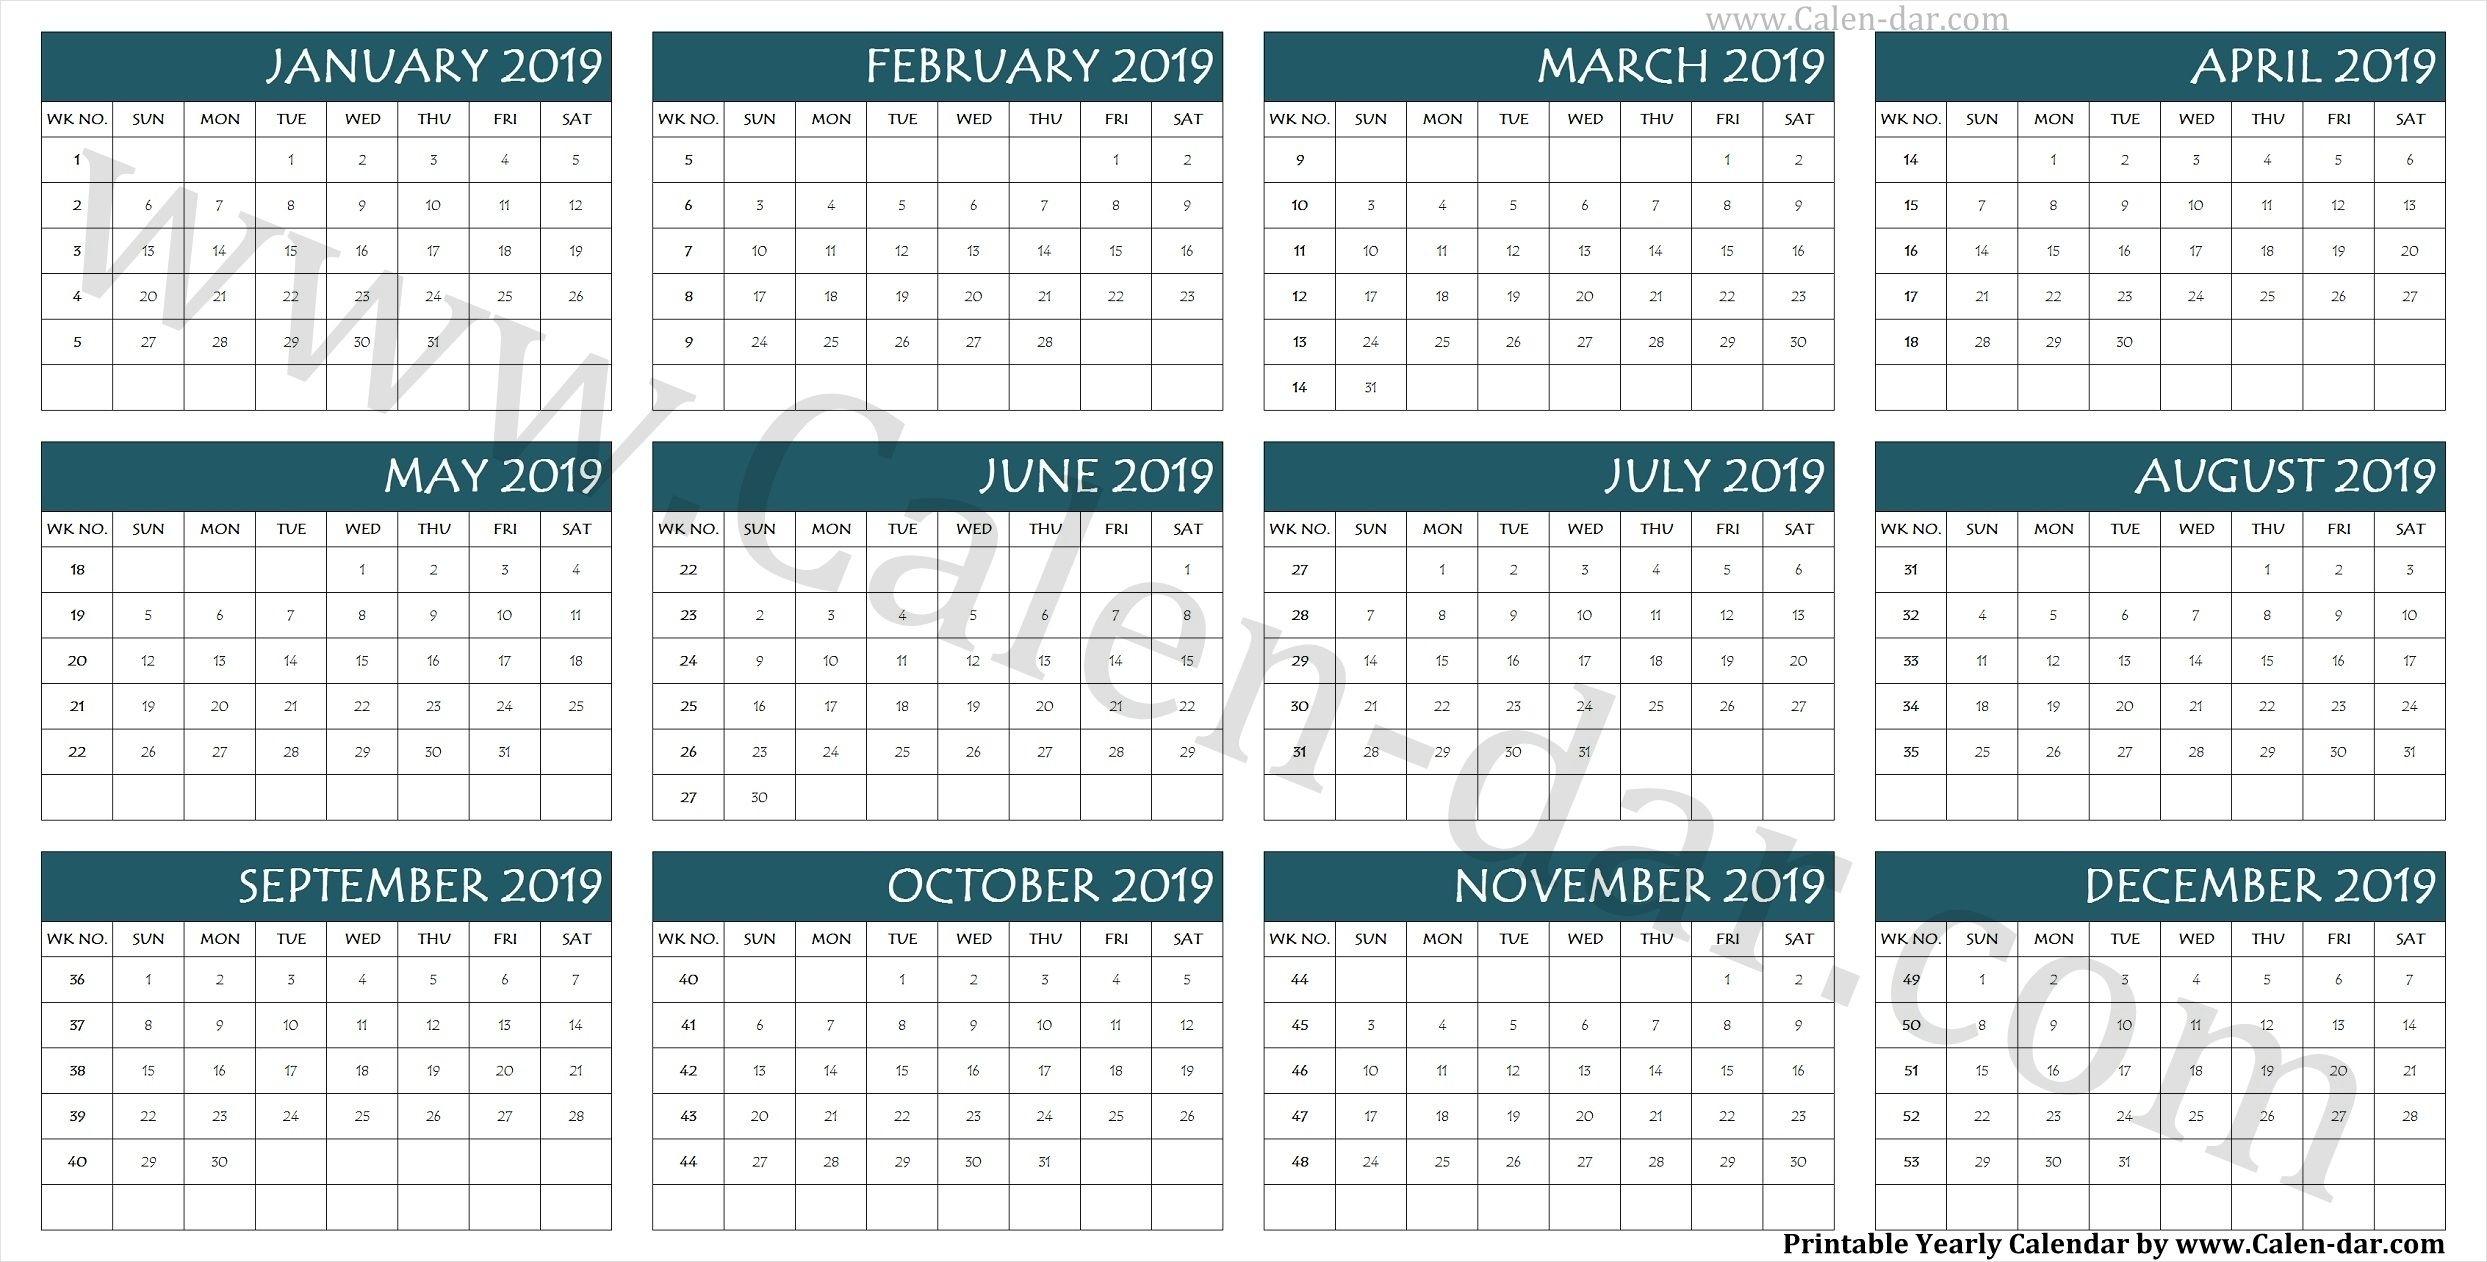 Calendar 2019 Week Wise | Calendar, Printable Yearly